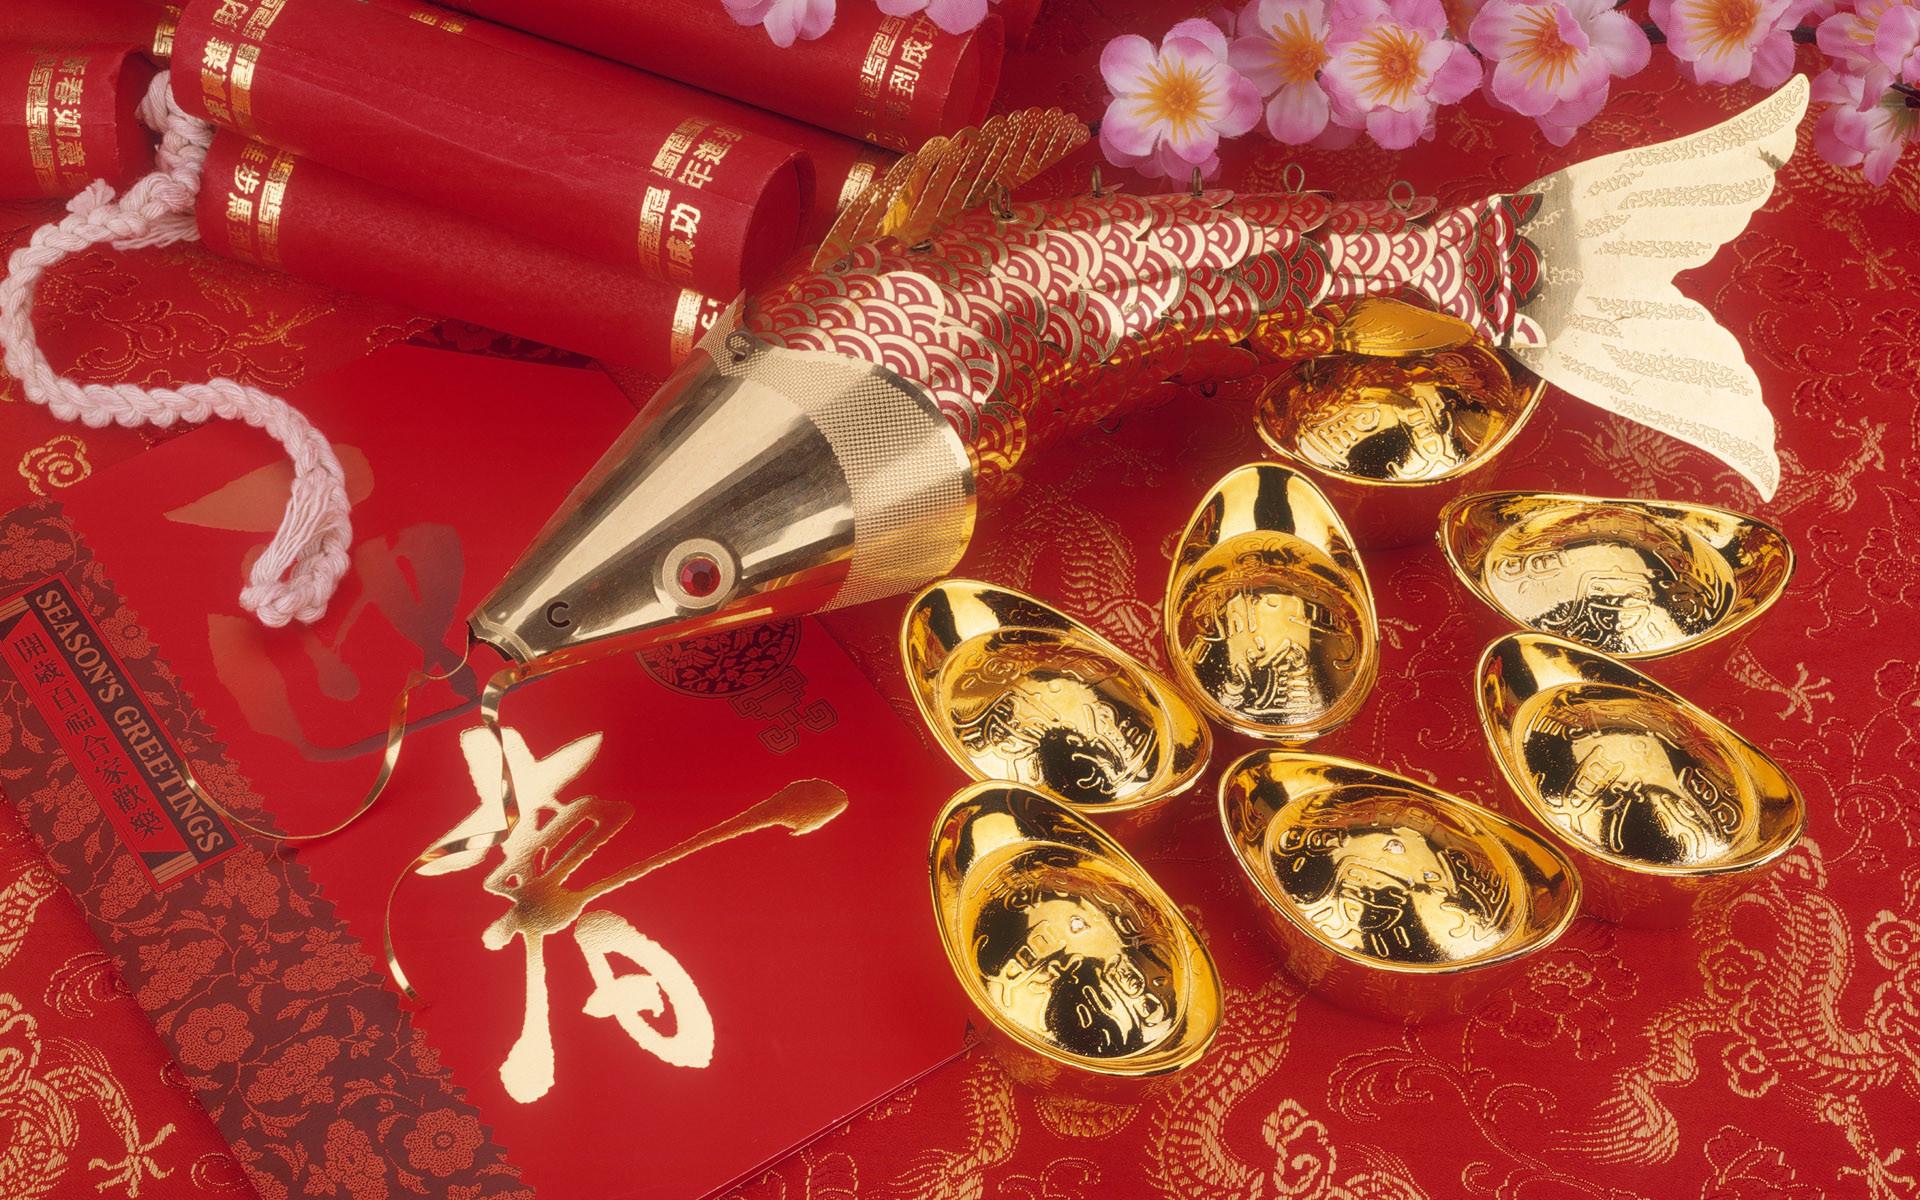 Chinese New Year 1080p